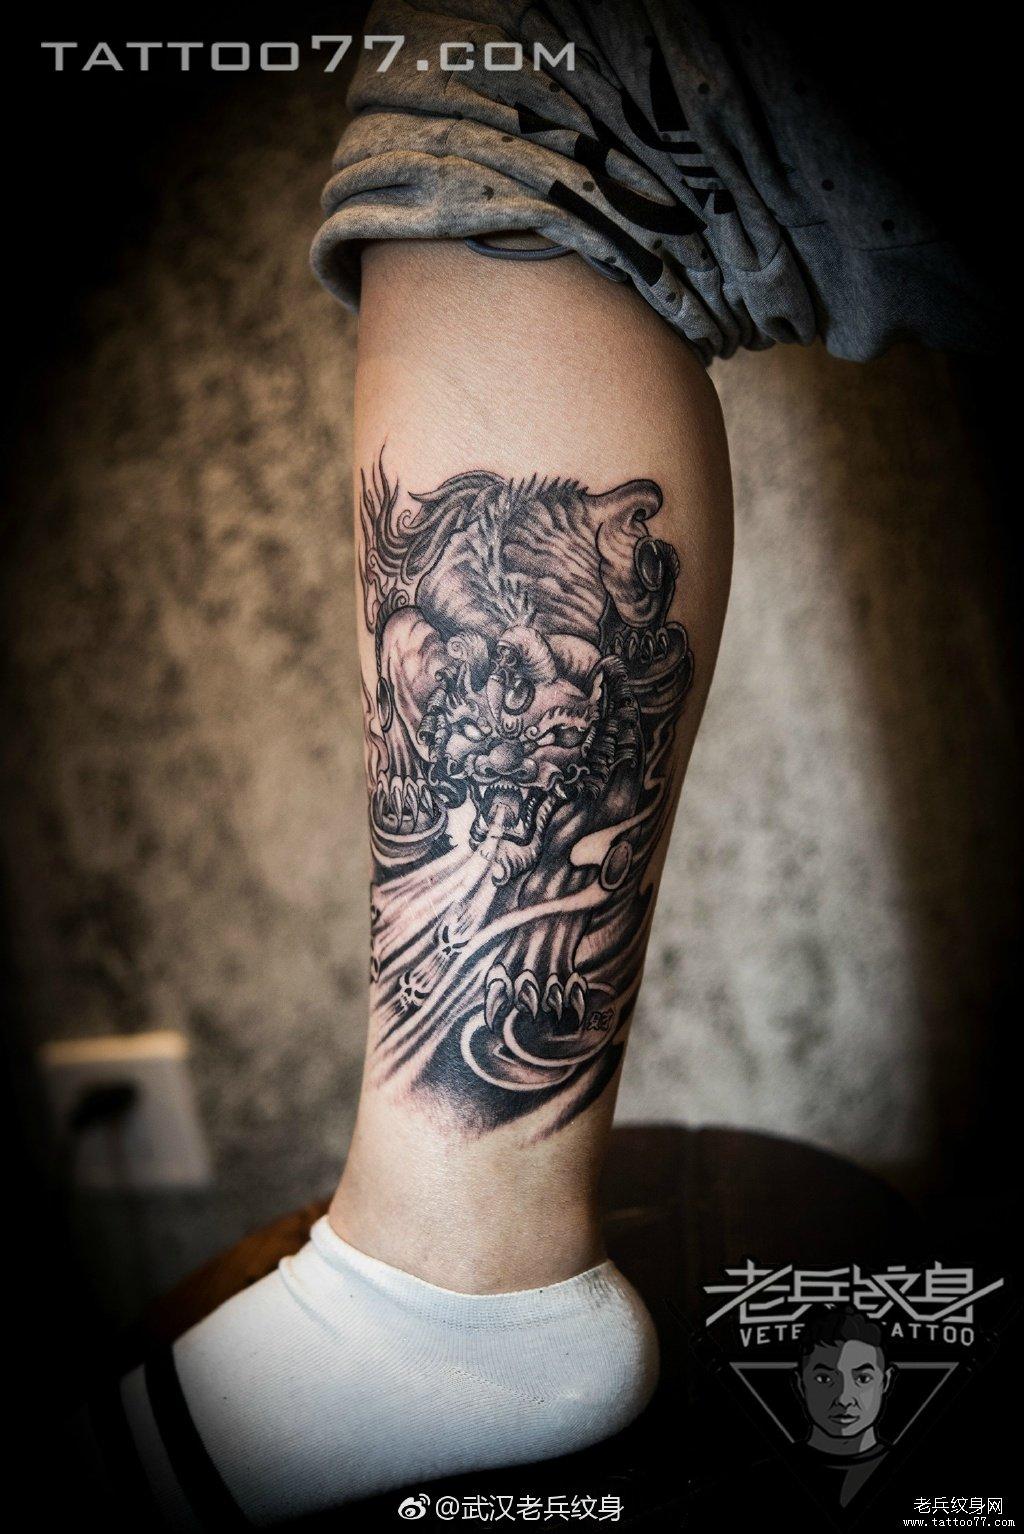 纹身          0 喜欢         浏览           腿部招财兽刺青